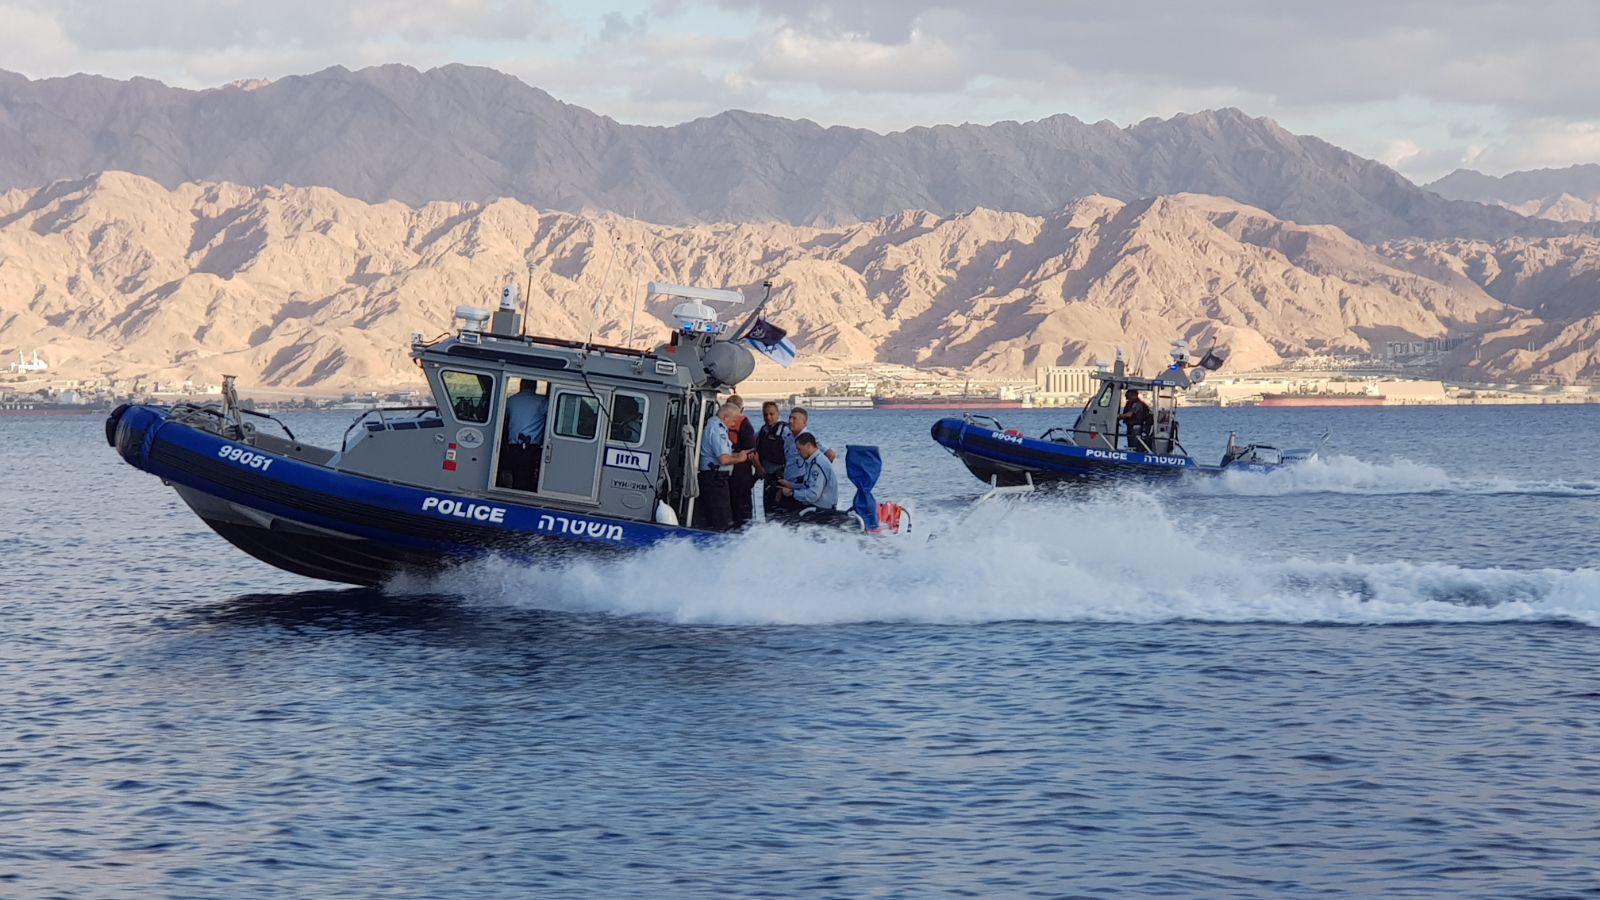 שוטרי השיטור הימי באילת חילצו 7 בני-אדם שסירתם התהפכה במפרץ אילת